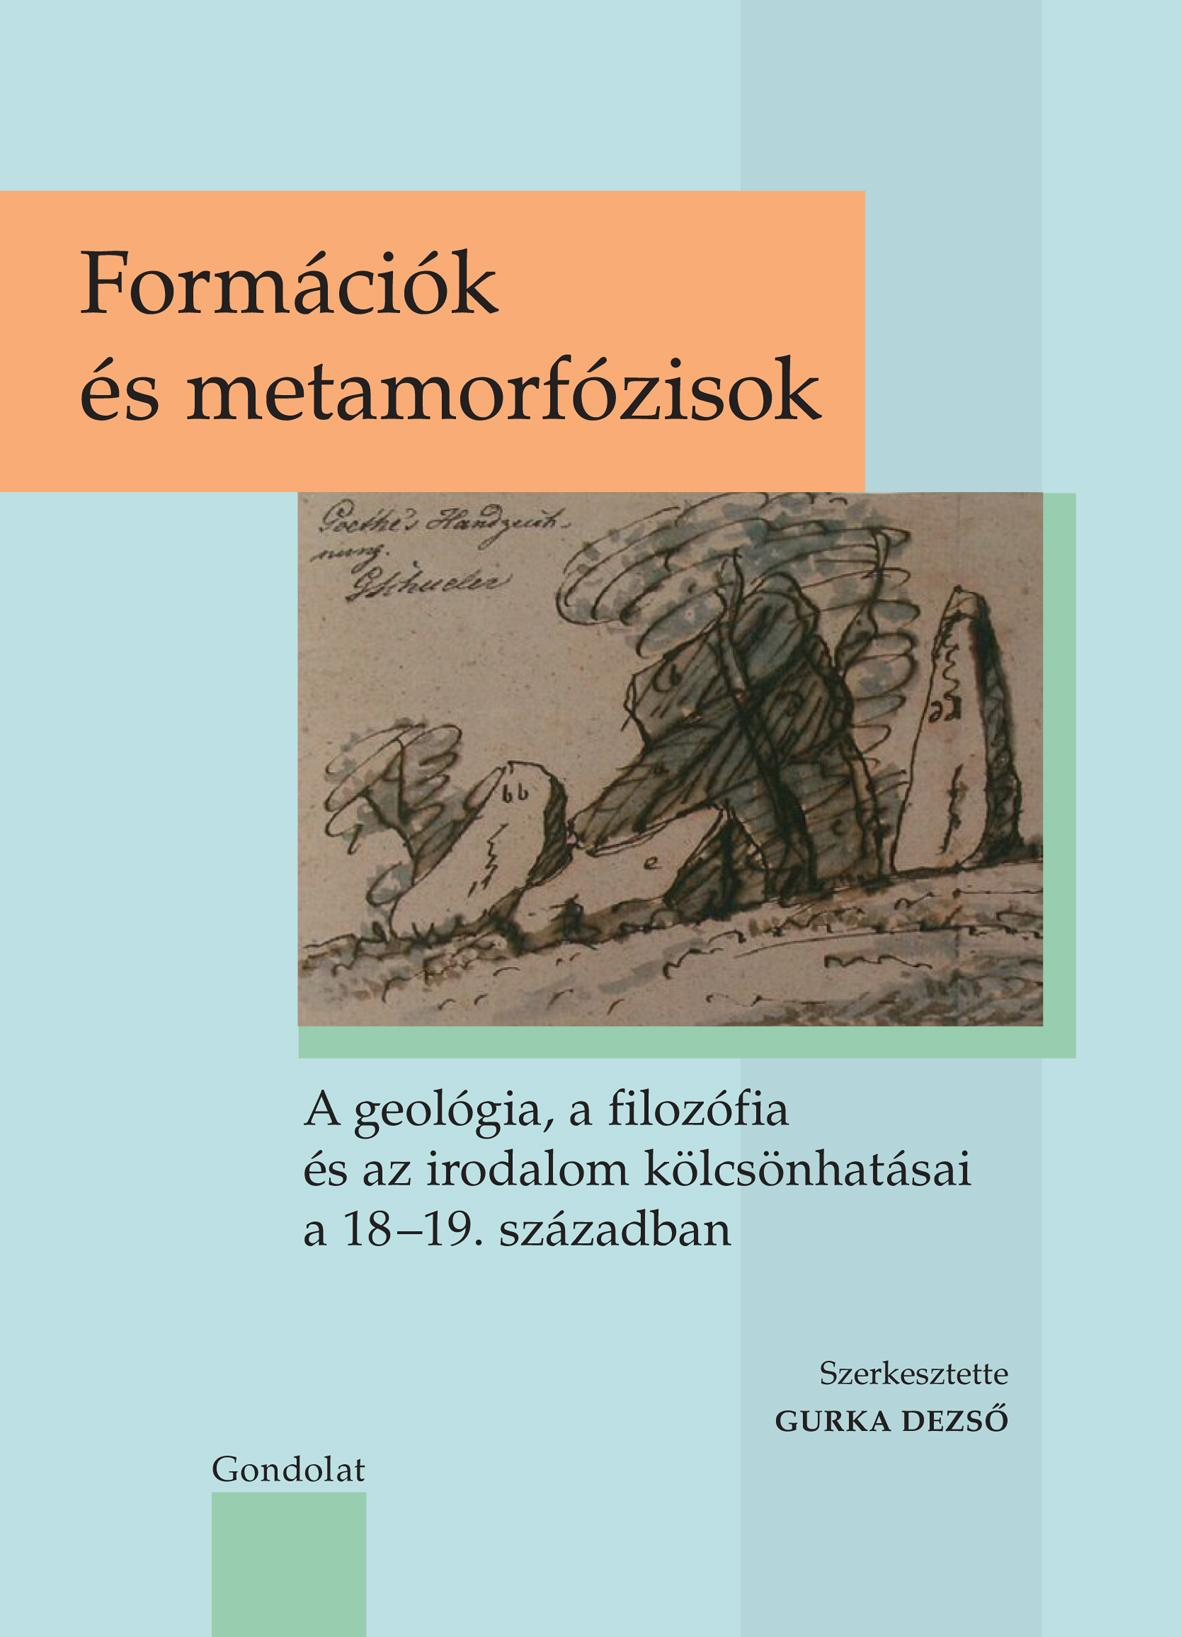 FORMÁCIÓK ÉS METAMORFÓZISOK -A GEOLÓGIA, A FILOZÓFIA ÉS AZ IRODALOM KÖLCSÖNHATÁS